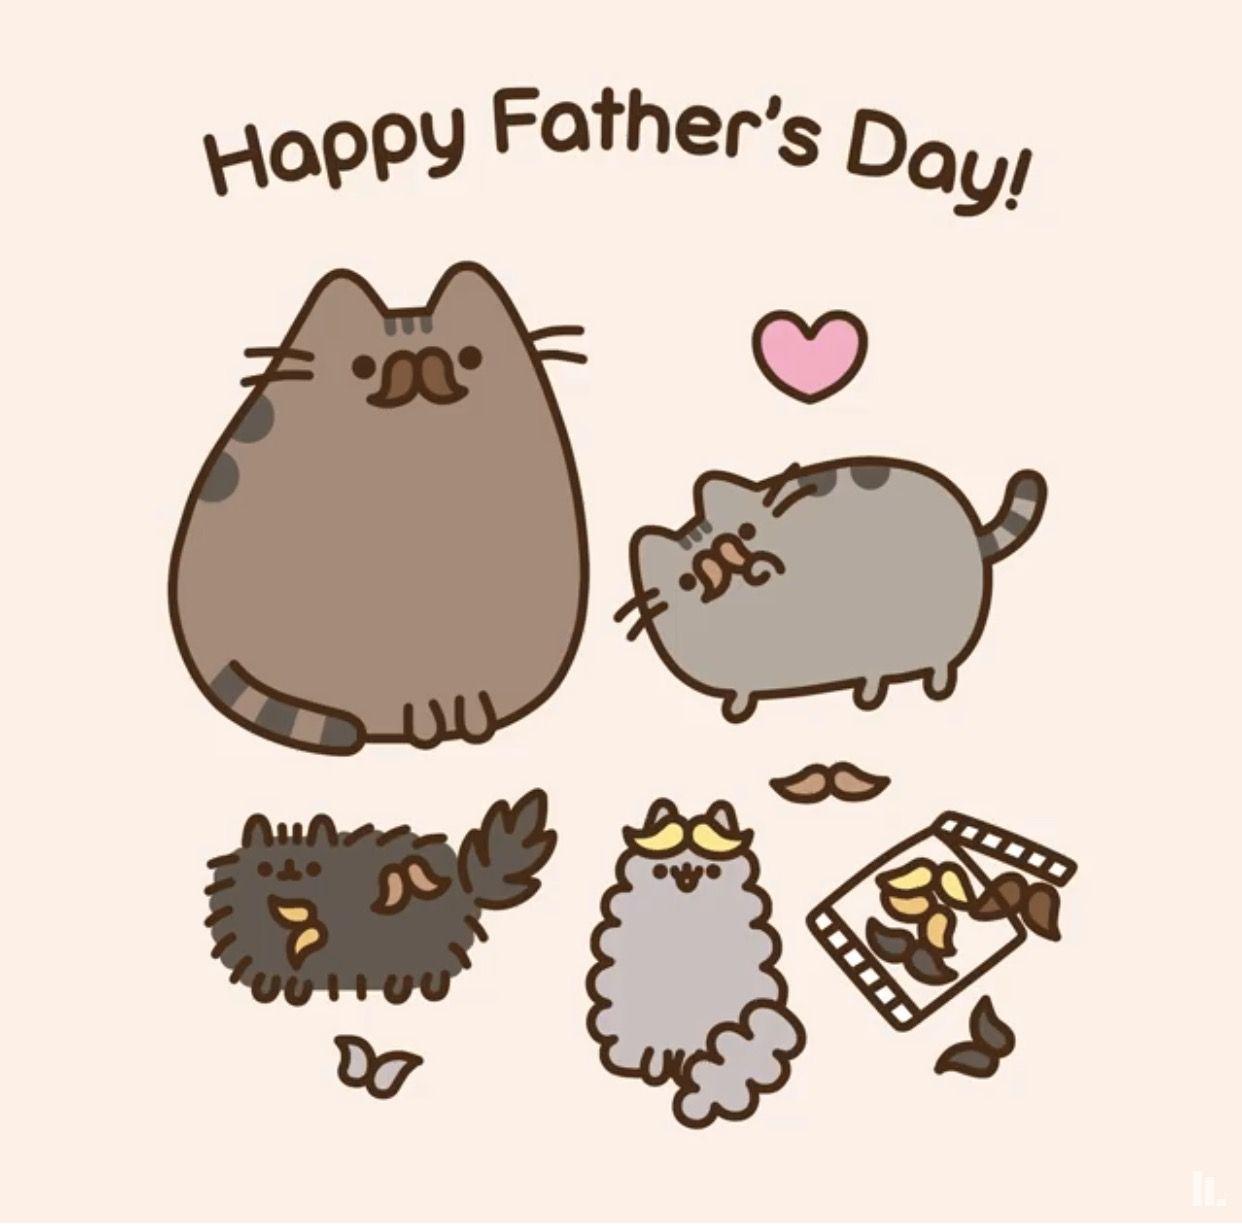 FATHERS DAY WITH PUSHEEN Pusheen cat Pusheen cute Pusheen stormy 1242x1226